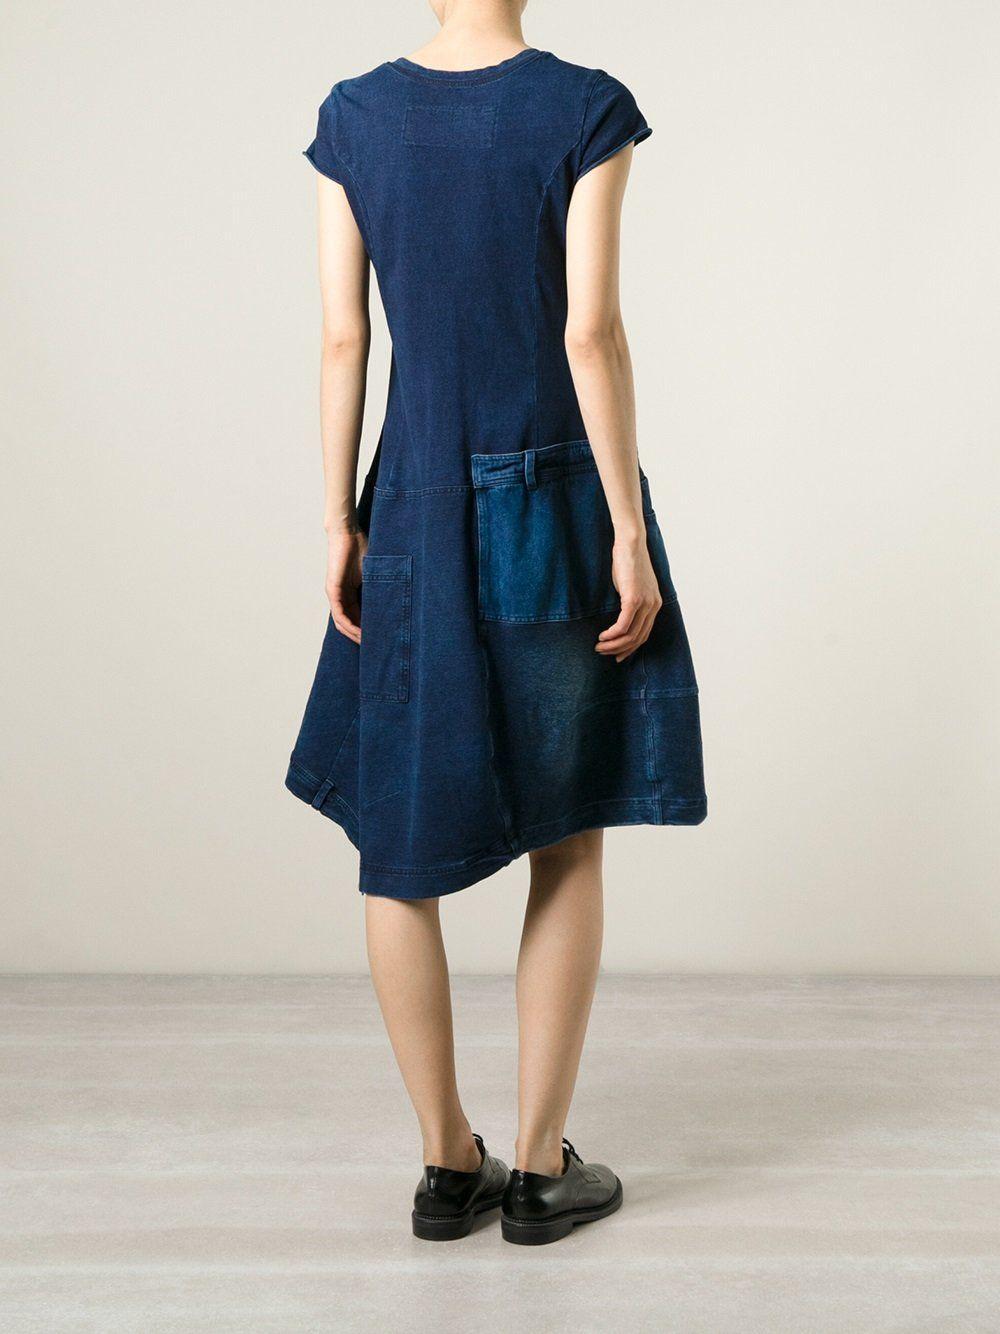 Rundholz Jeanskleid mit Patchwork Design | Jeanskreationen